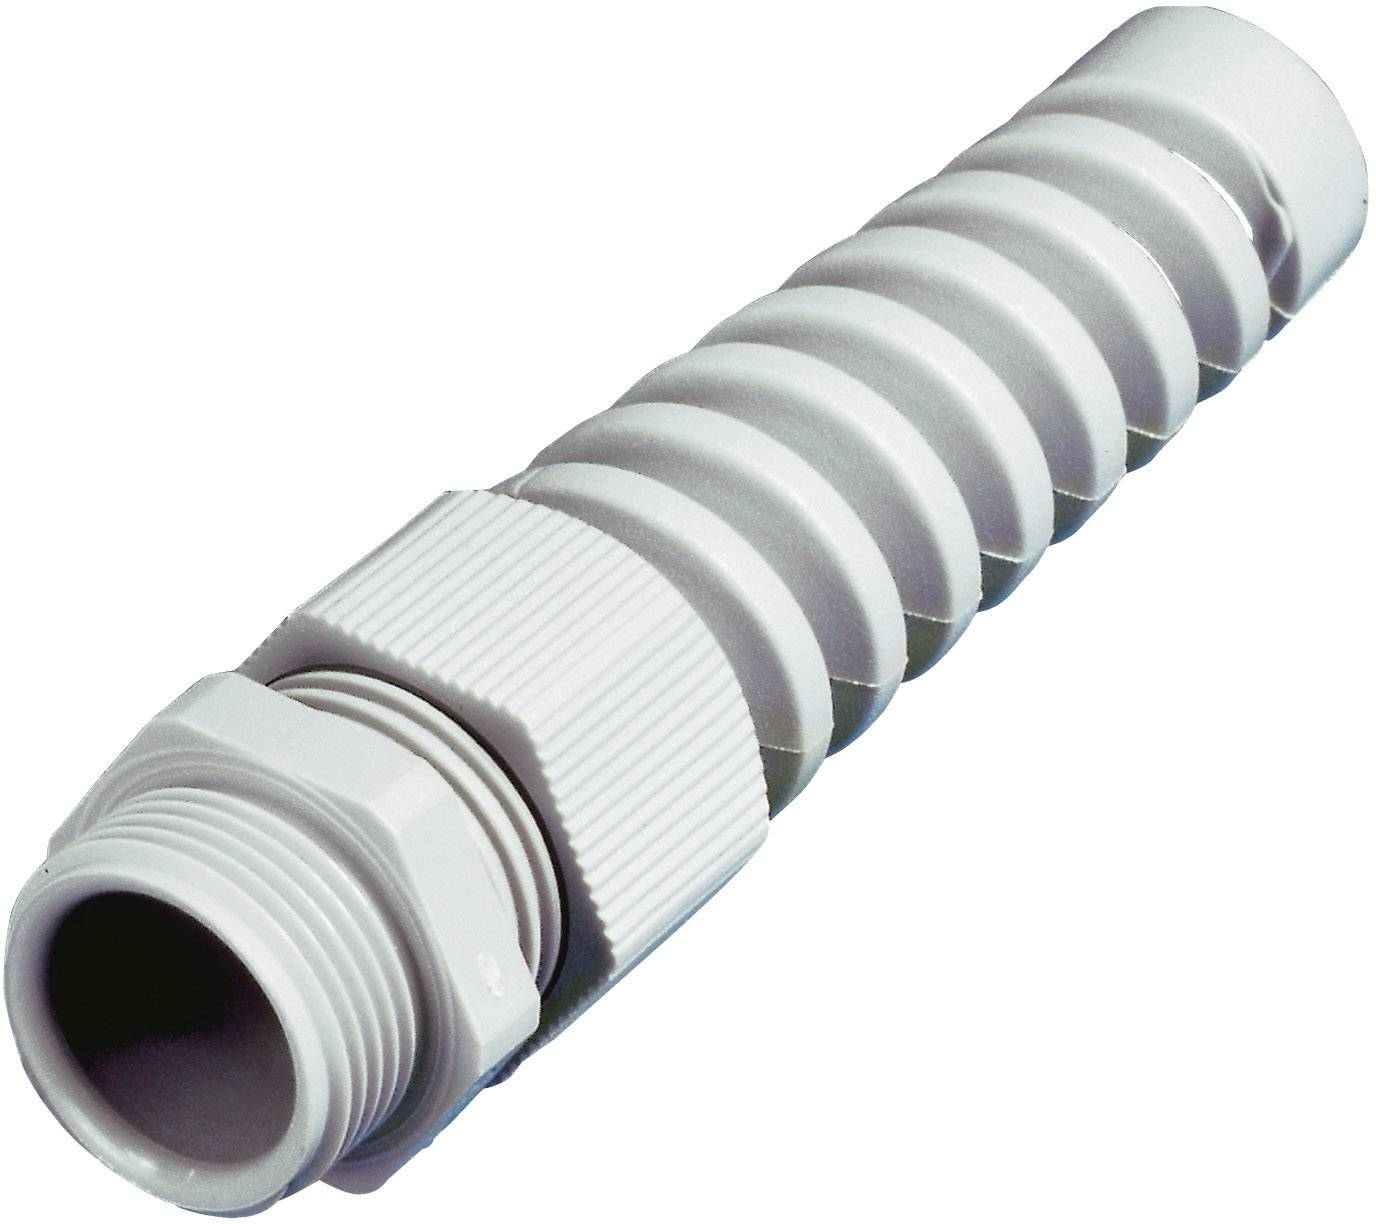 Kabelová průchodka Wiska ESKVS M25 RAL 9005 (10061279), M25, černá